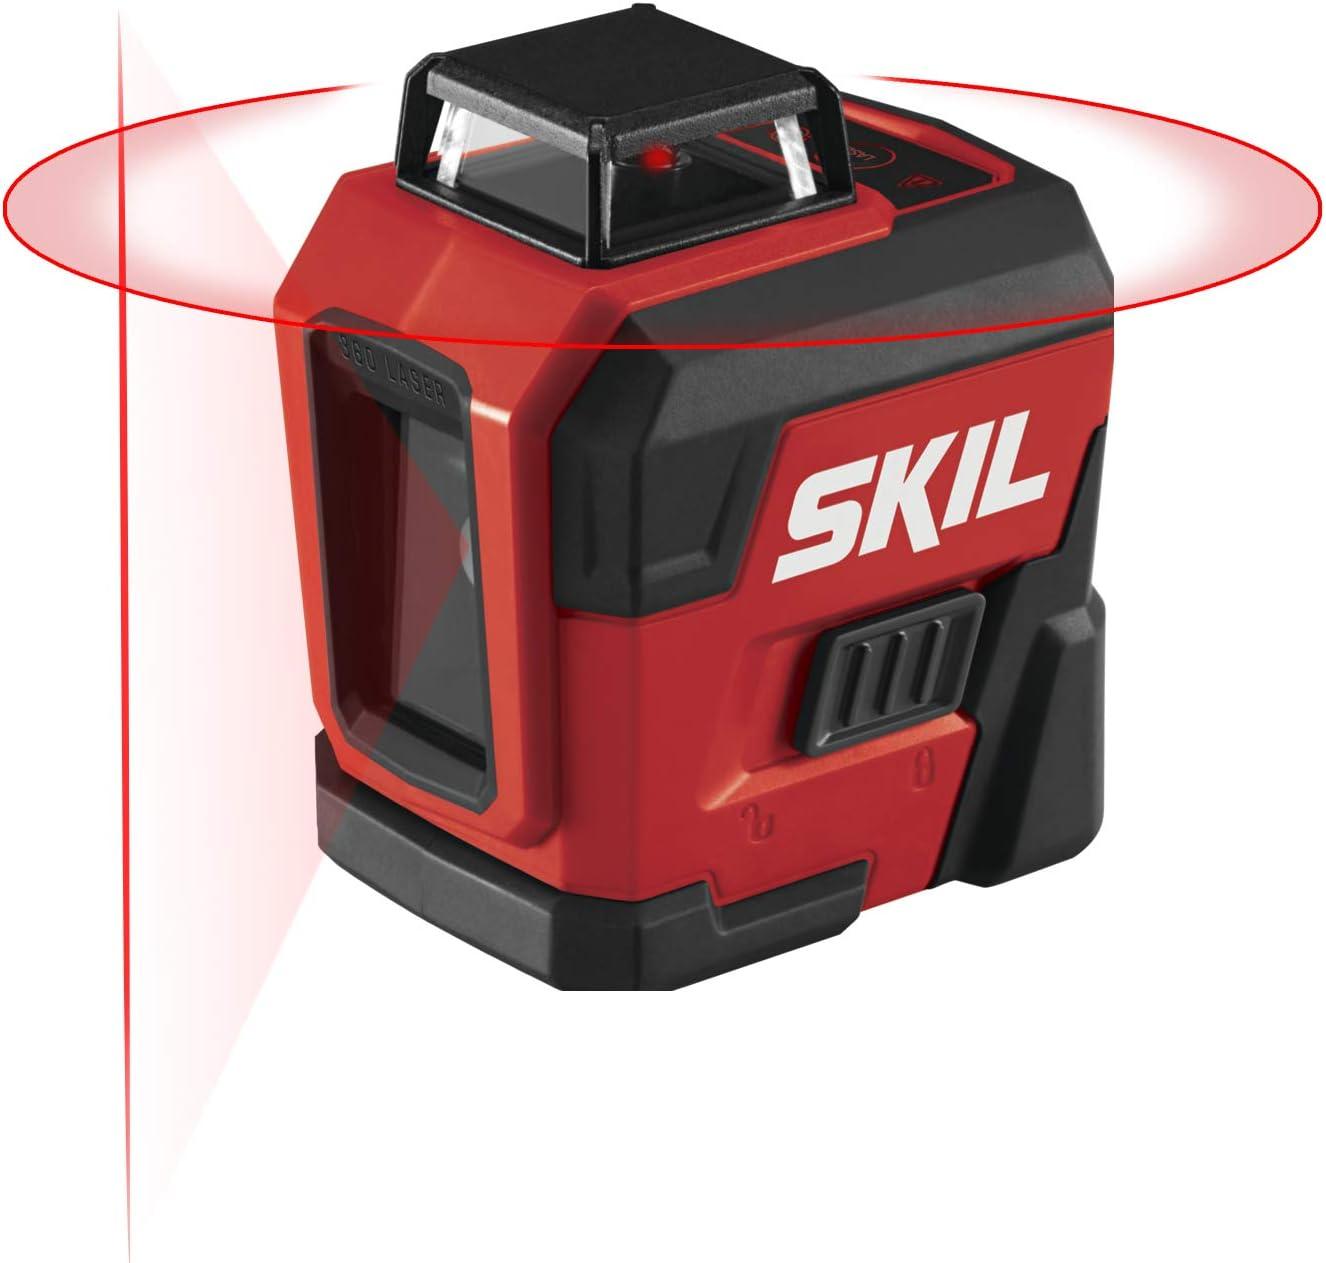 7. SKIL LL932201 360-Degree Cross Line Laser Level